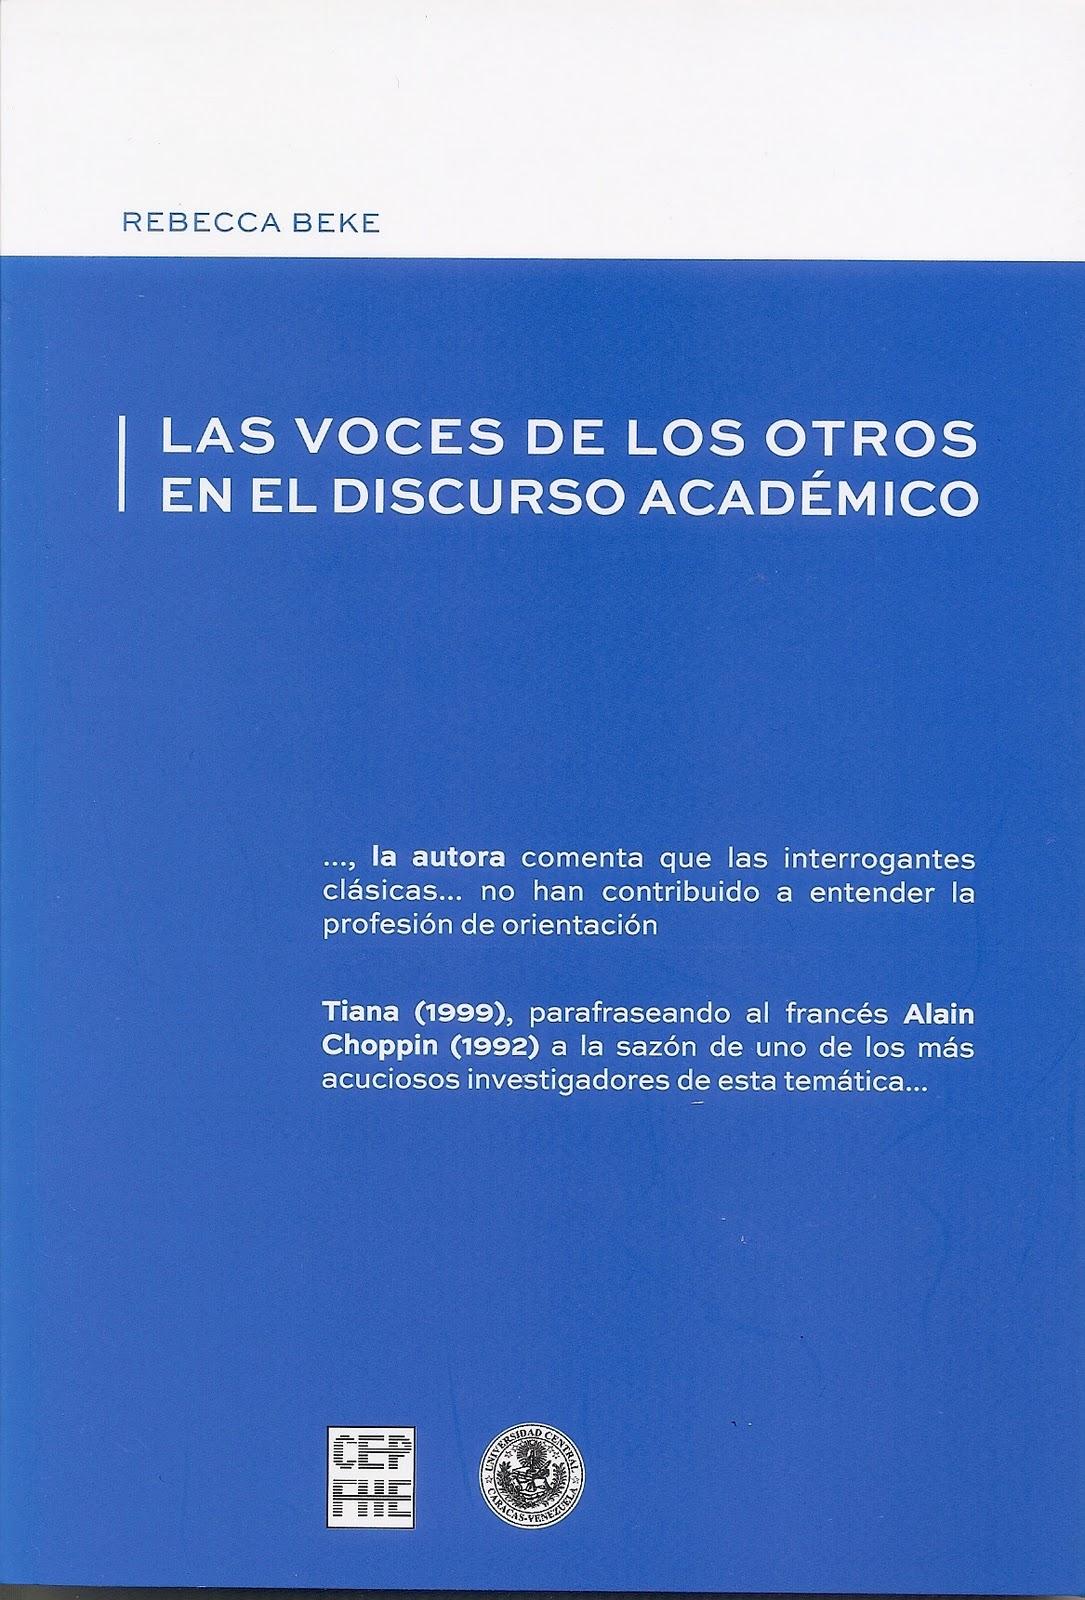 Praxis Humanista-FHE: noviembre 2011